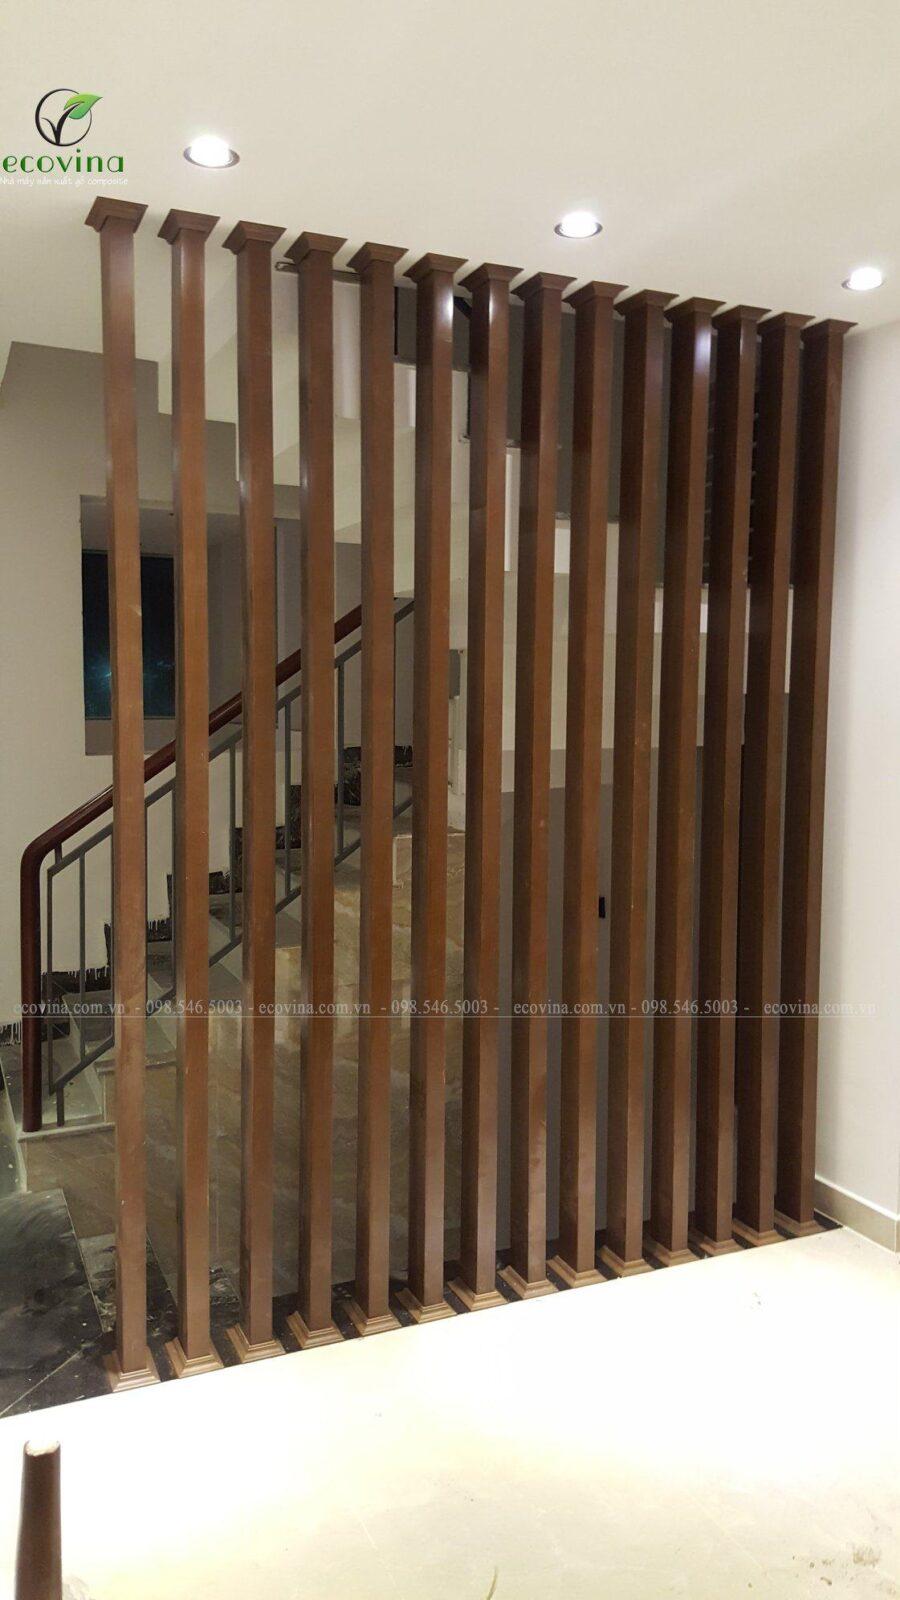 Mẫu một vách ngăn gỗ nhựa cầu thang Ecovina